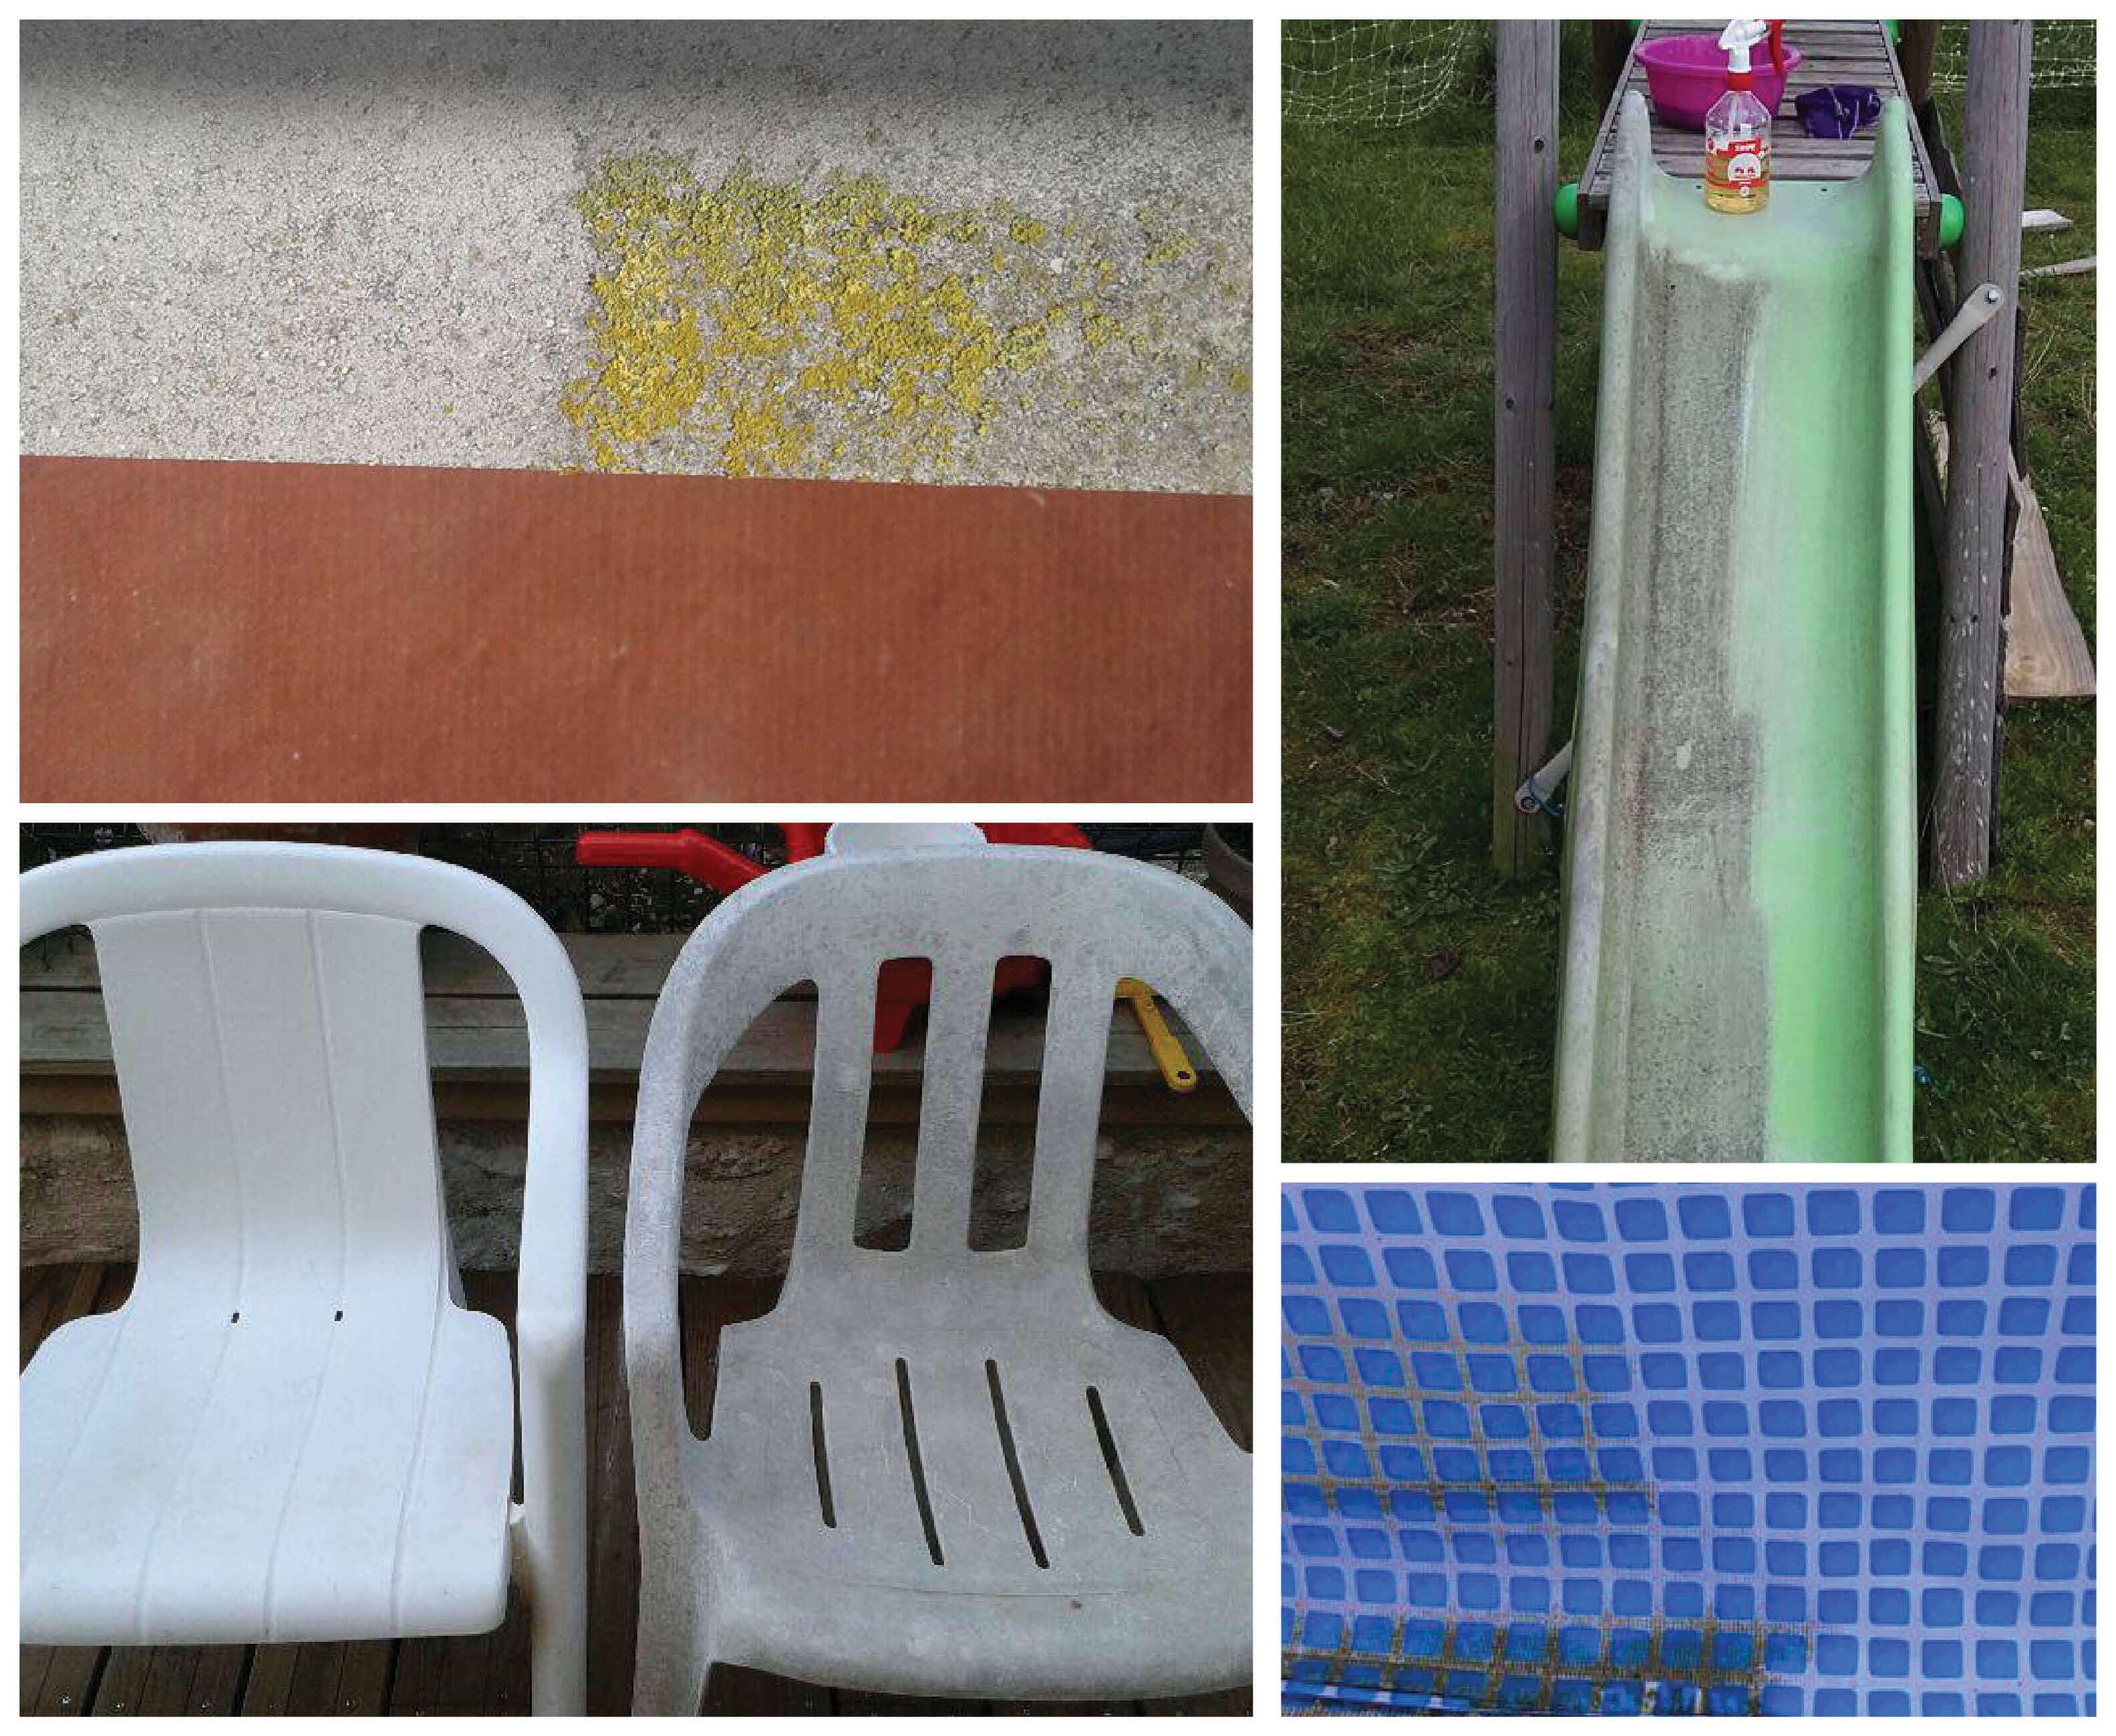 Nettoyer ses extérieurs avec le produit ménager Swipe Brite et enlever les verdissures et moississures, exemples sur chaise, mousse, toboggan